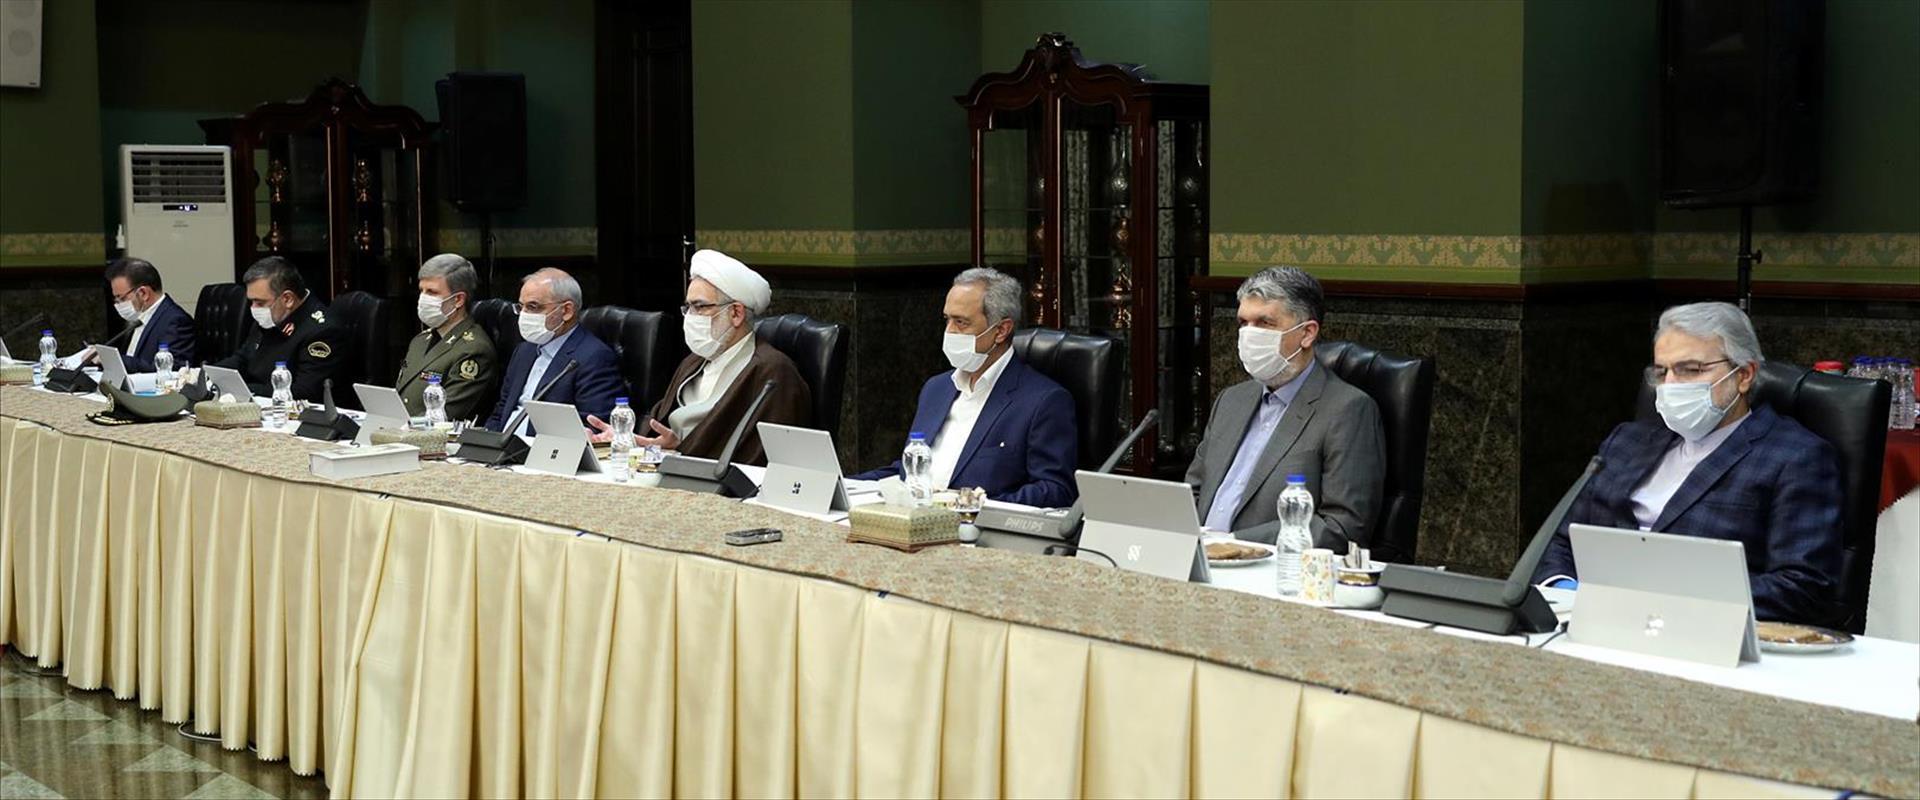 ישיבת הממשלה בטהראן, הבוקר